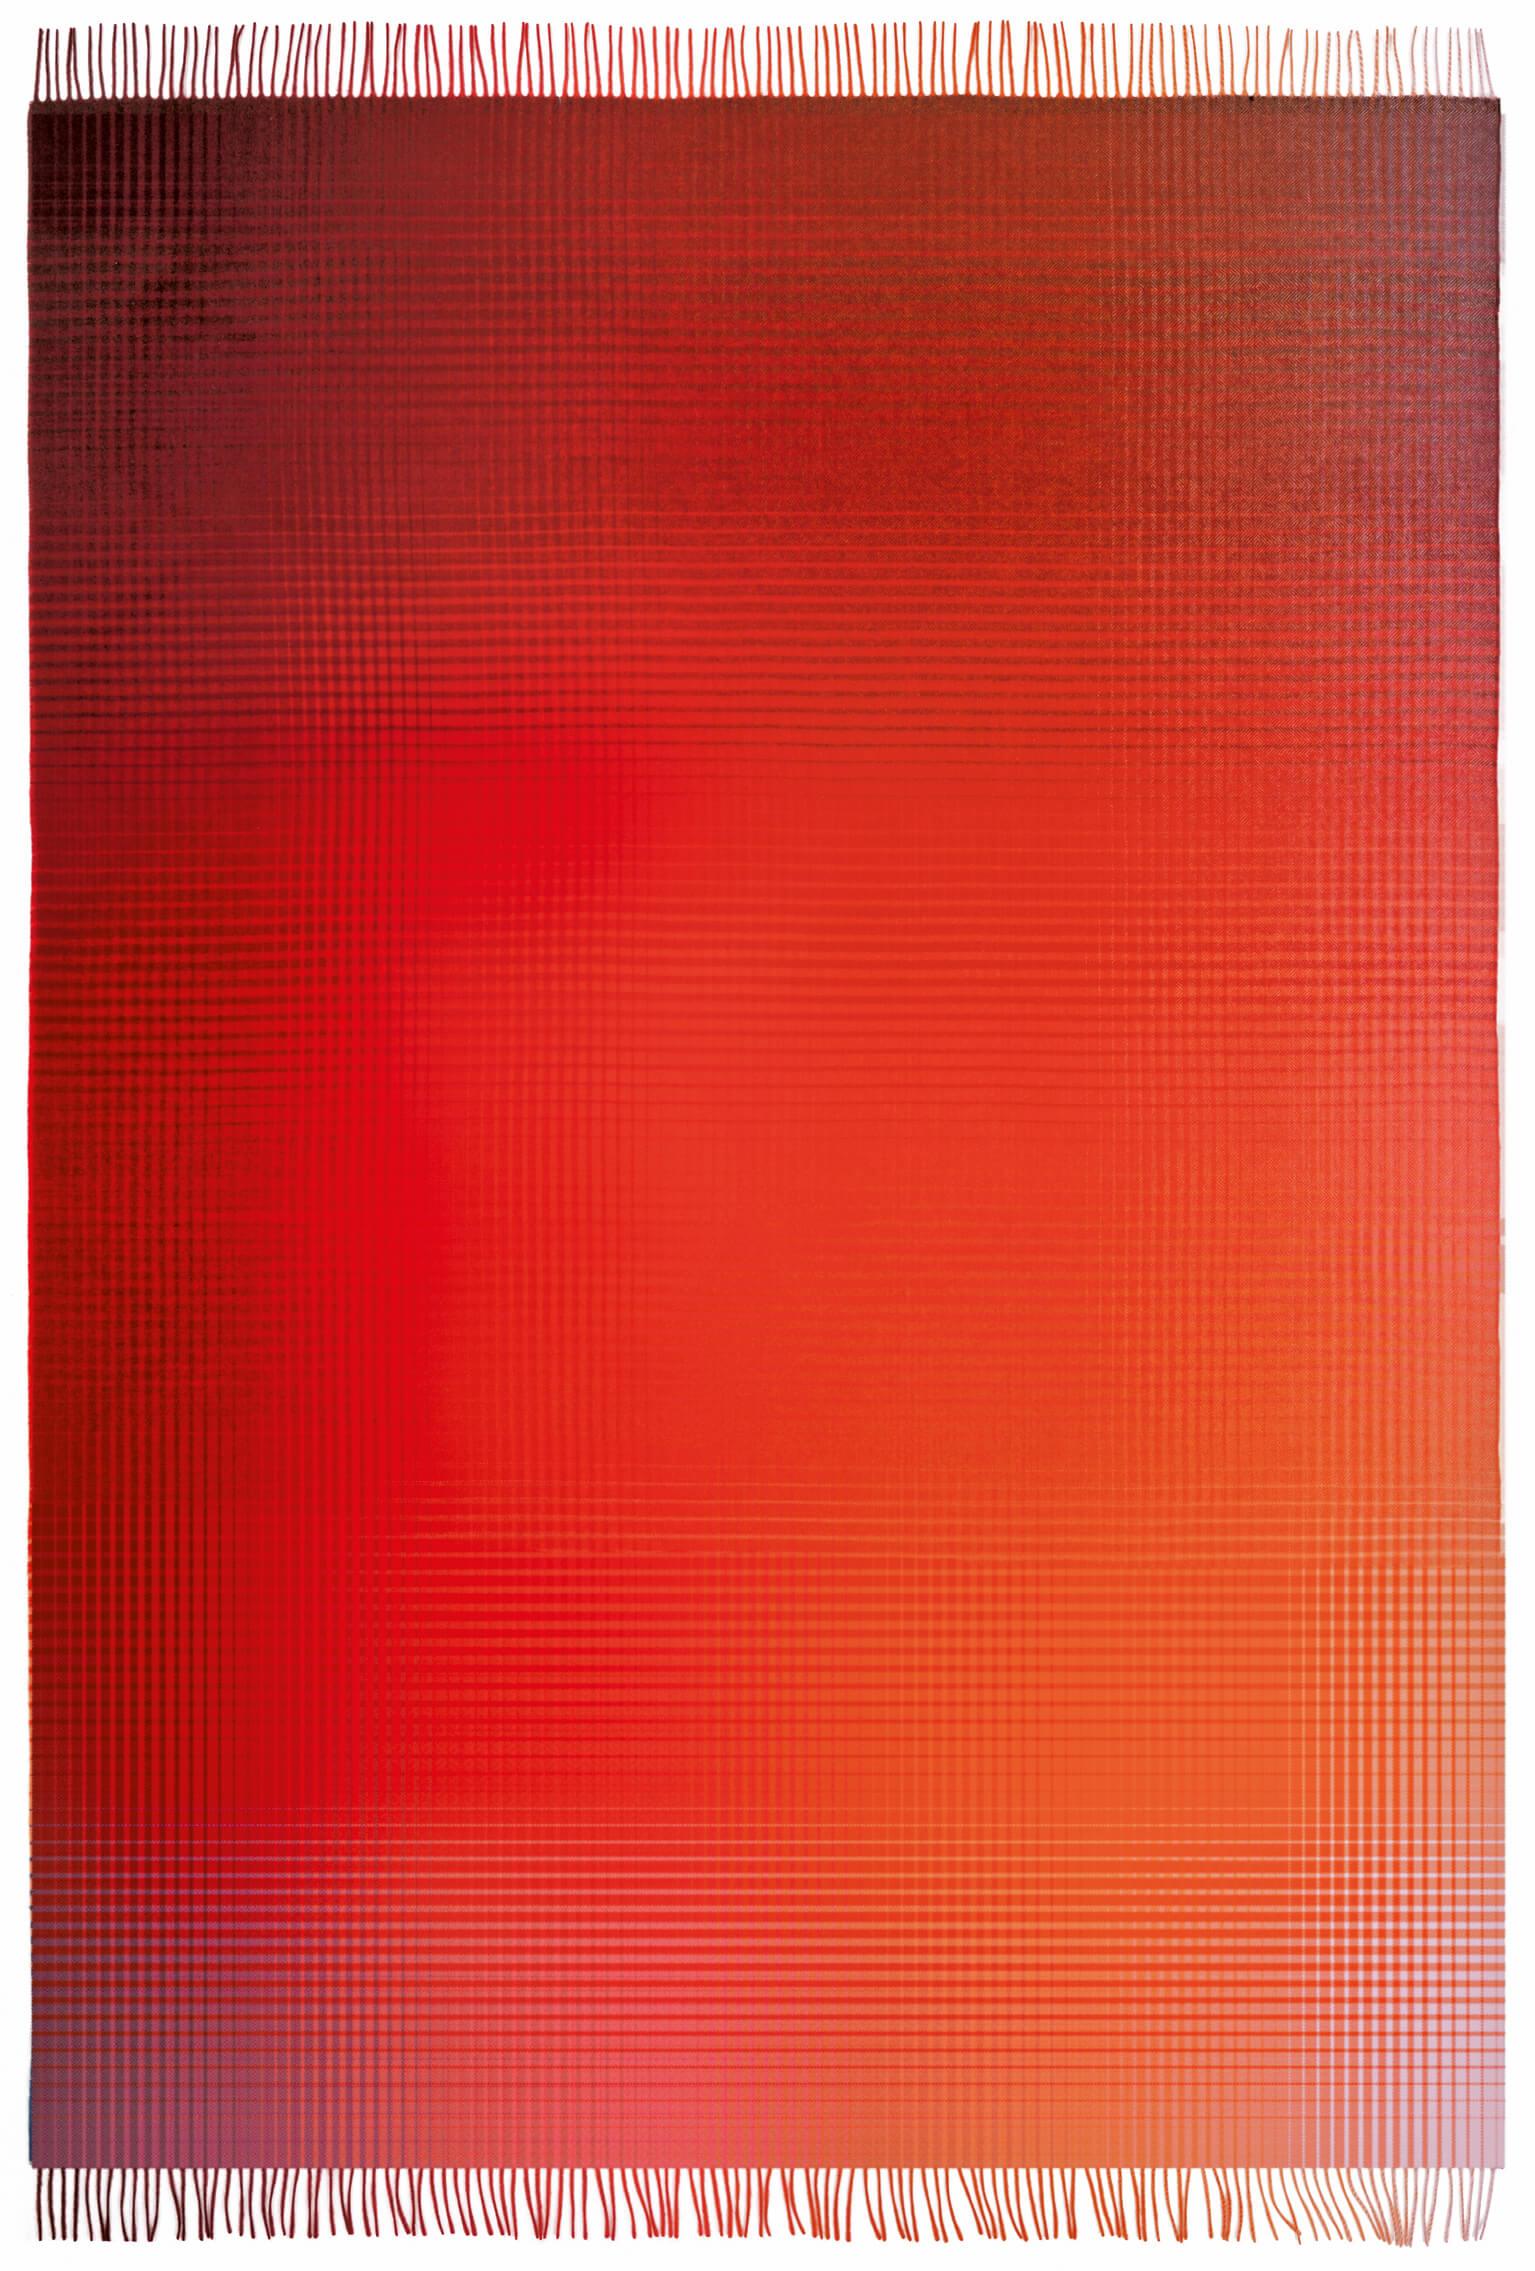 Bild von Barcelona103, Variante rot